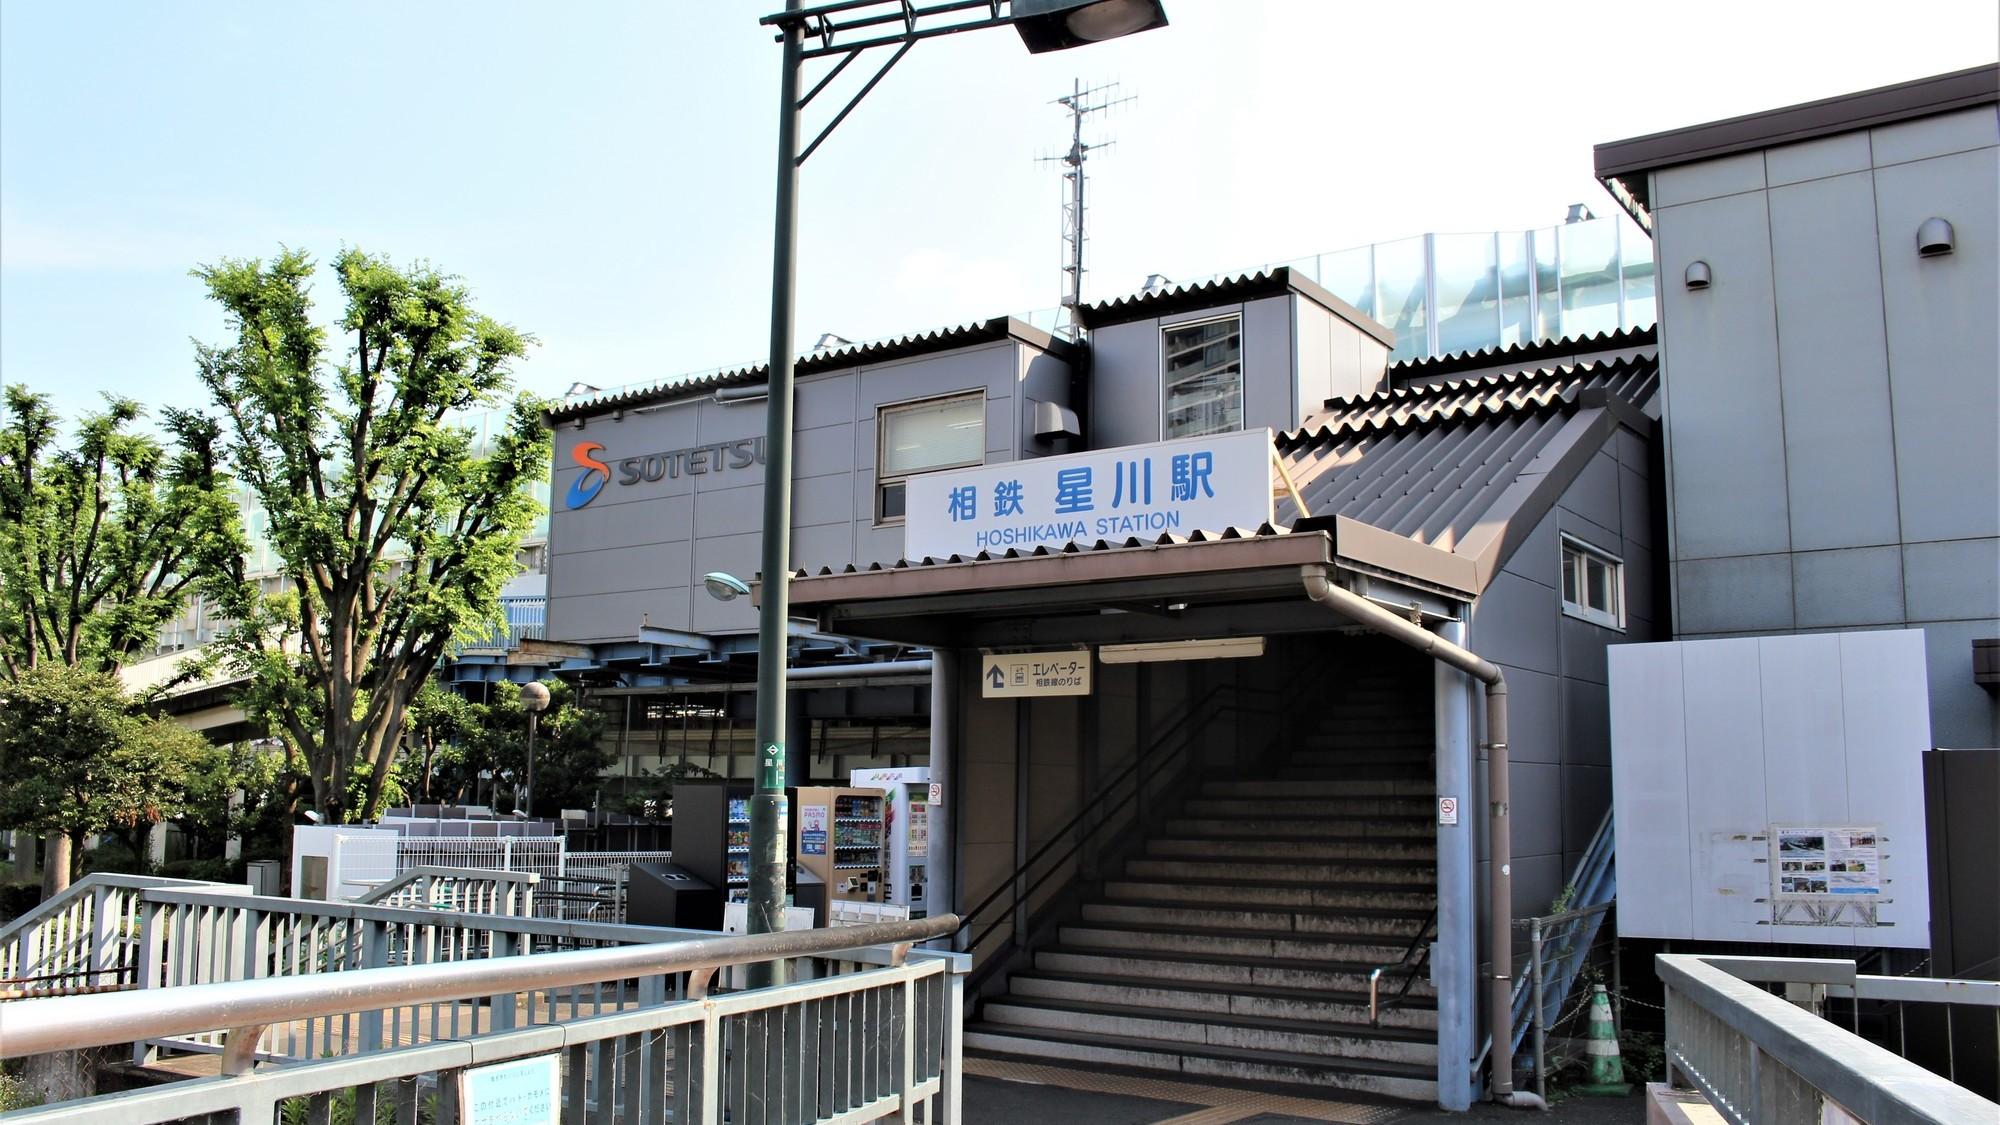 「ハマのアメ横」にも近く、便利だが…相模鉄道本線「星川」駅